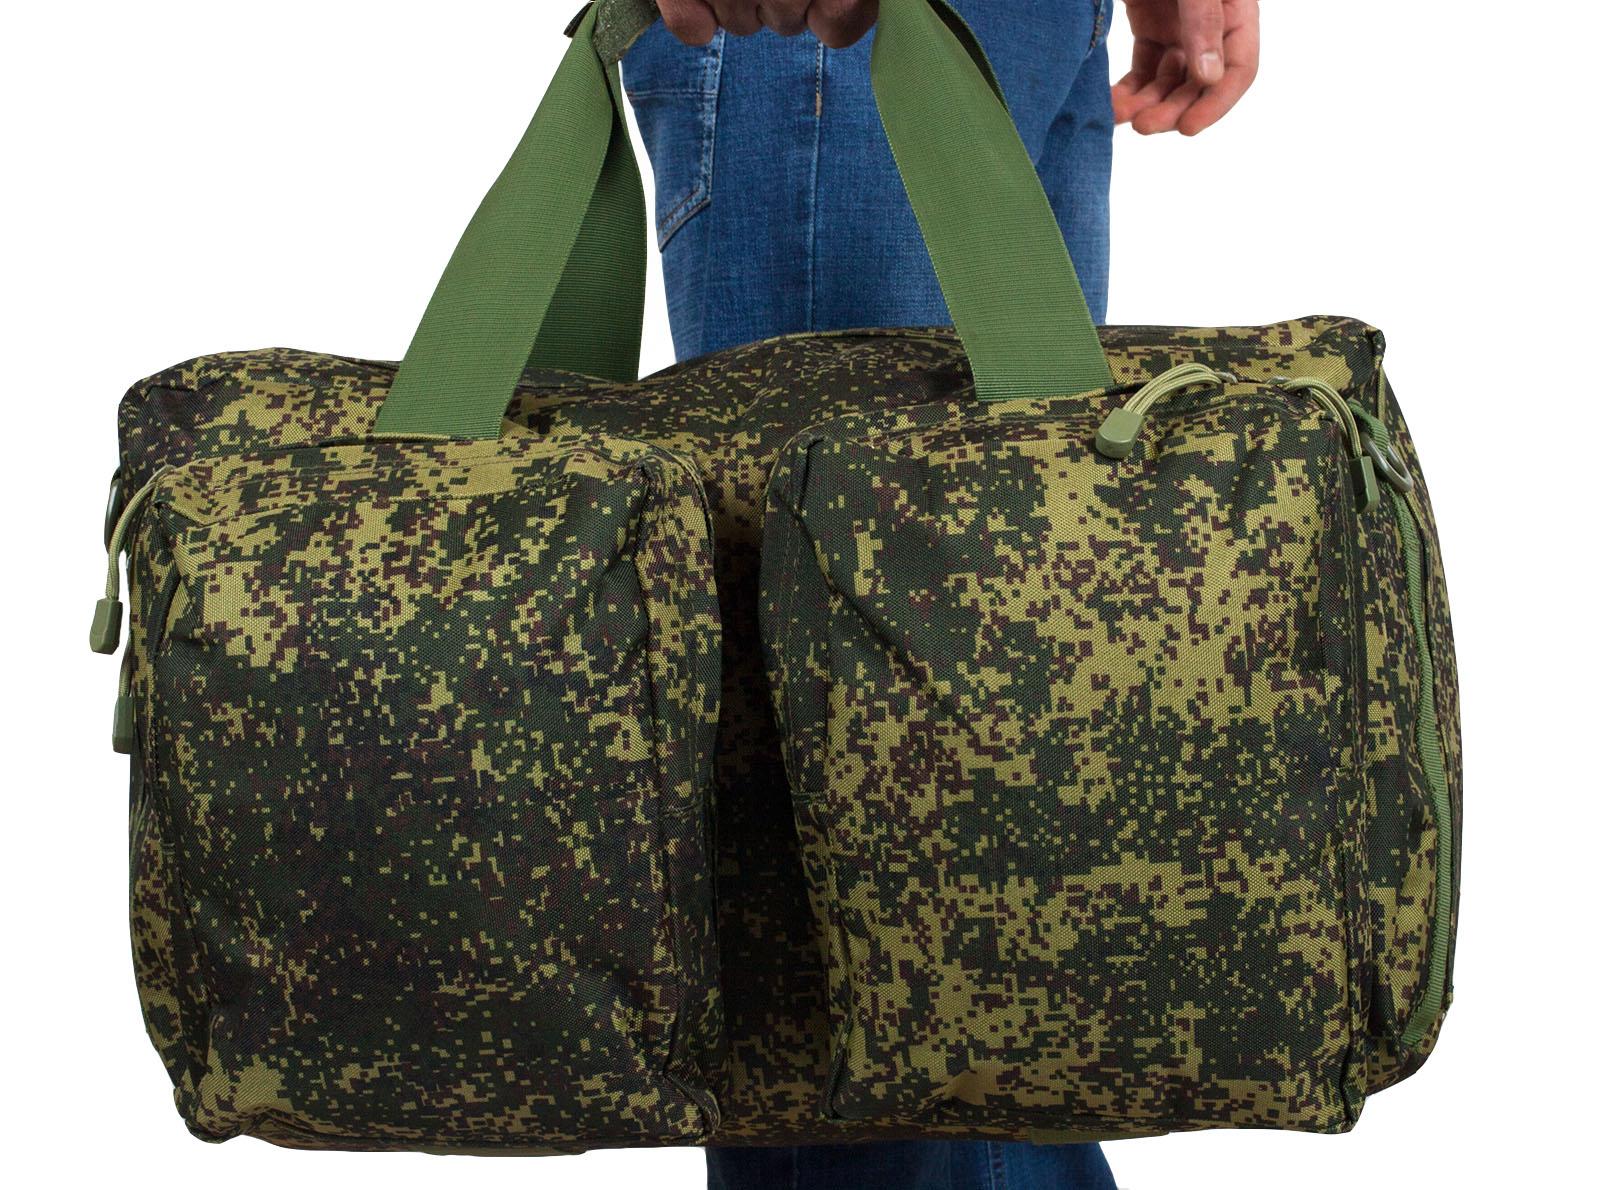 Тактическая камуфляжная сумка с нашивкой Ни пуха, Ни пера - заказать в подарок